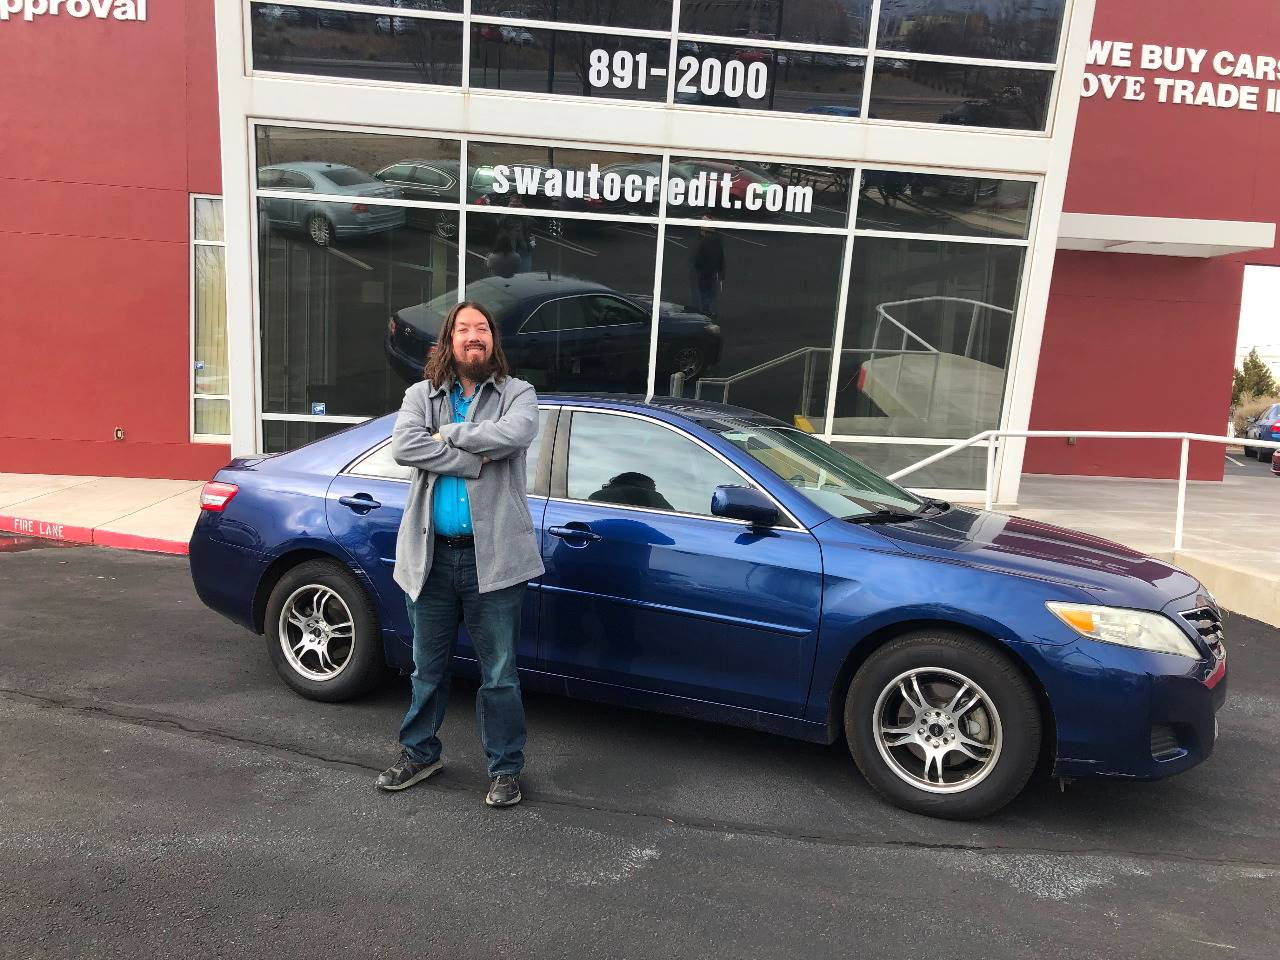 Southwest Auto Credit >> Customer Testimonials Southwest Auto Credit In Albuquerque Nm